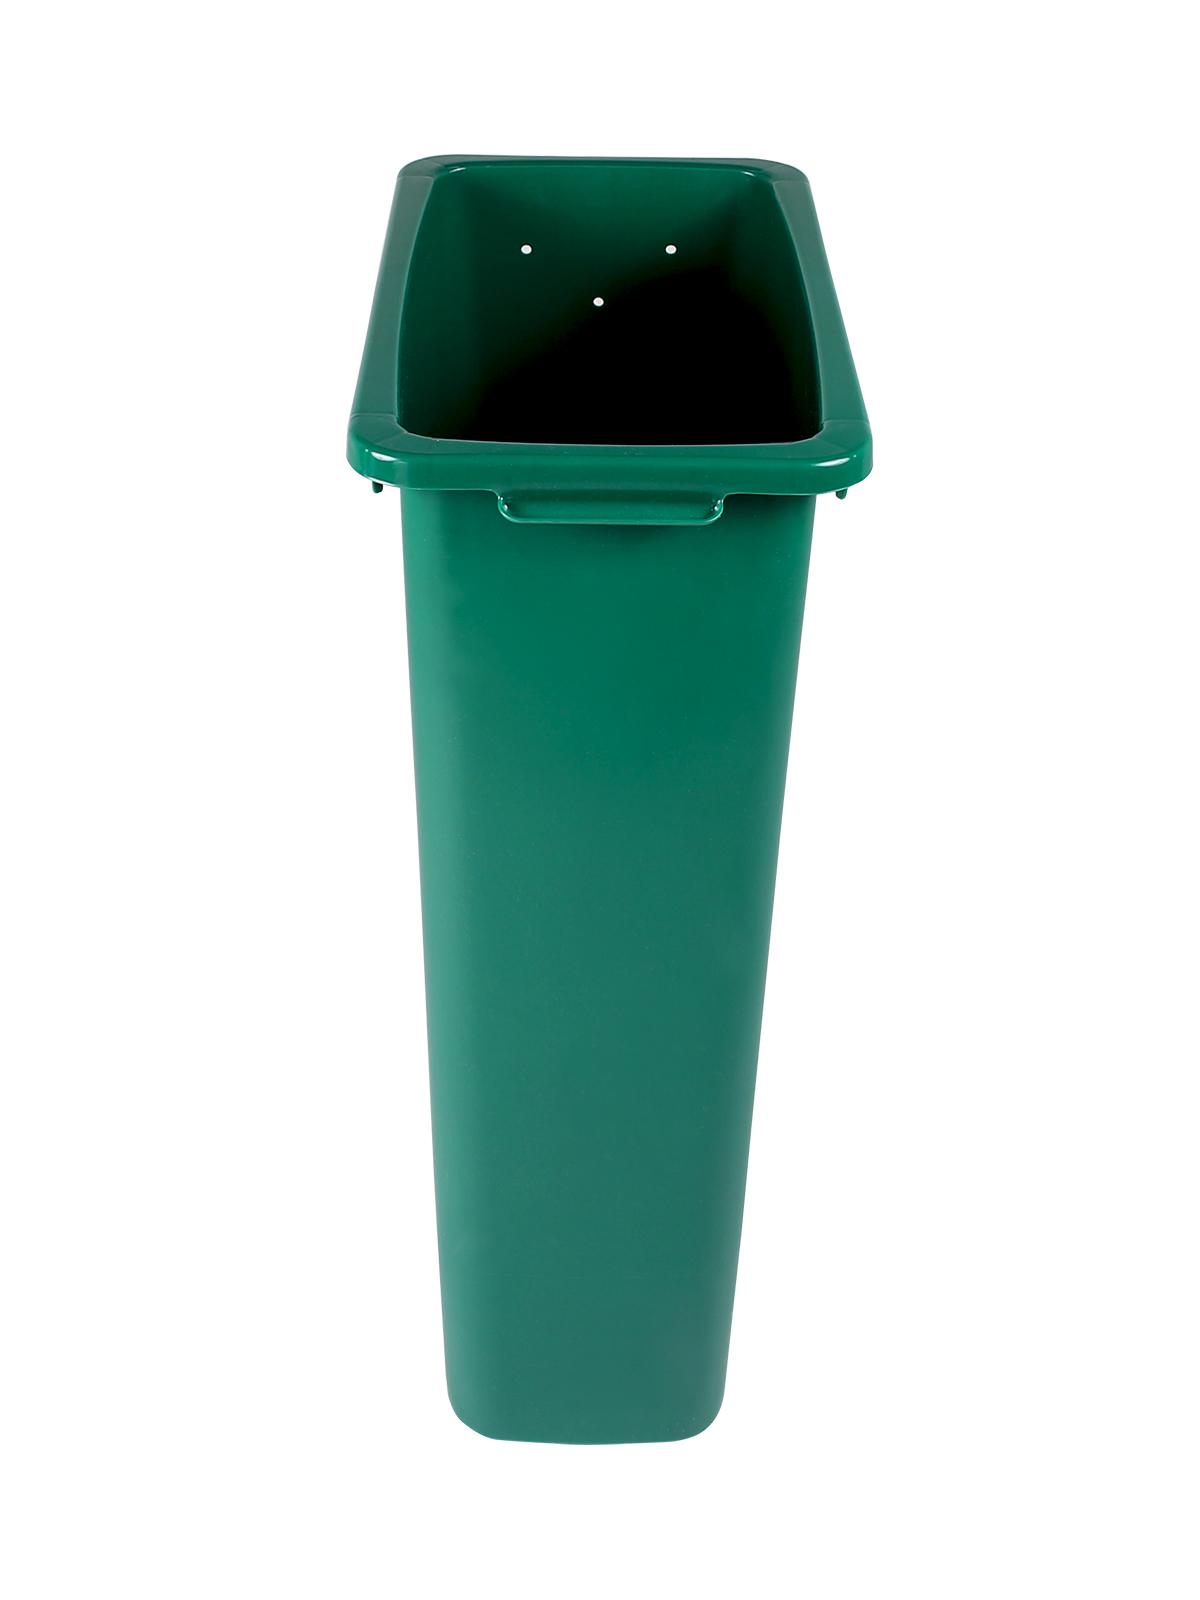 WASTE WATCHER - Single - Body - 24 - Mobius Loop - Dark Green